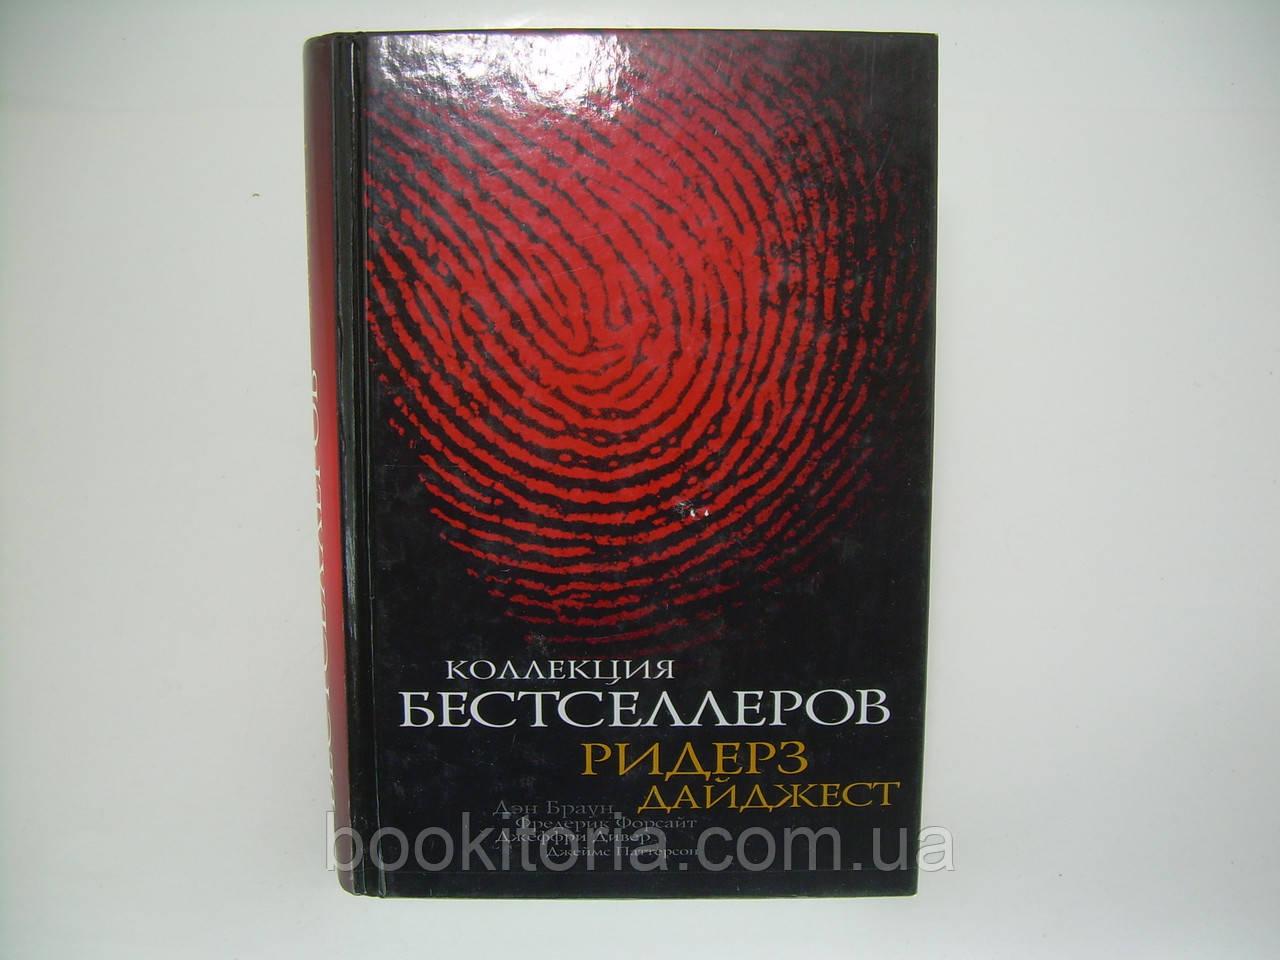 Коллекция бестселлеров Ридерз Дайджест.  - Букіторія в Днепре